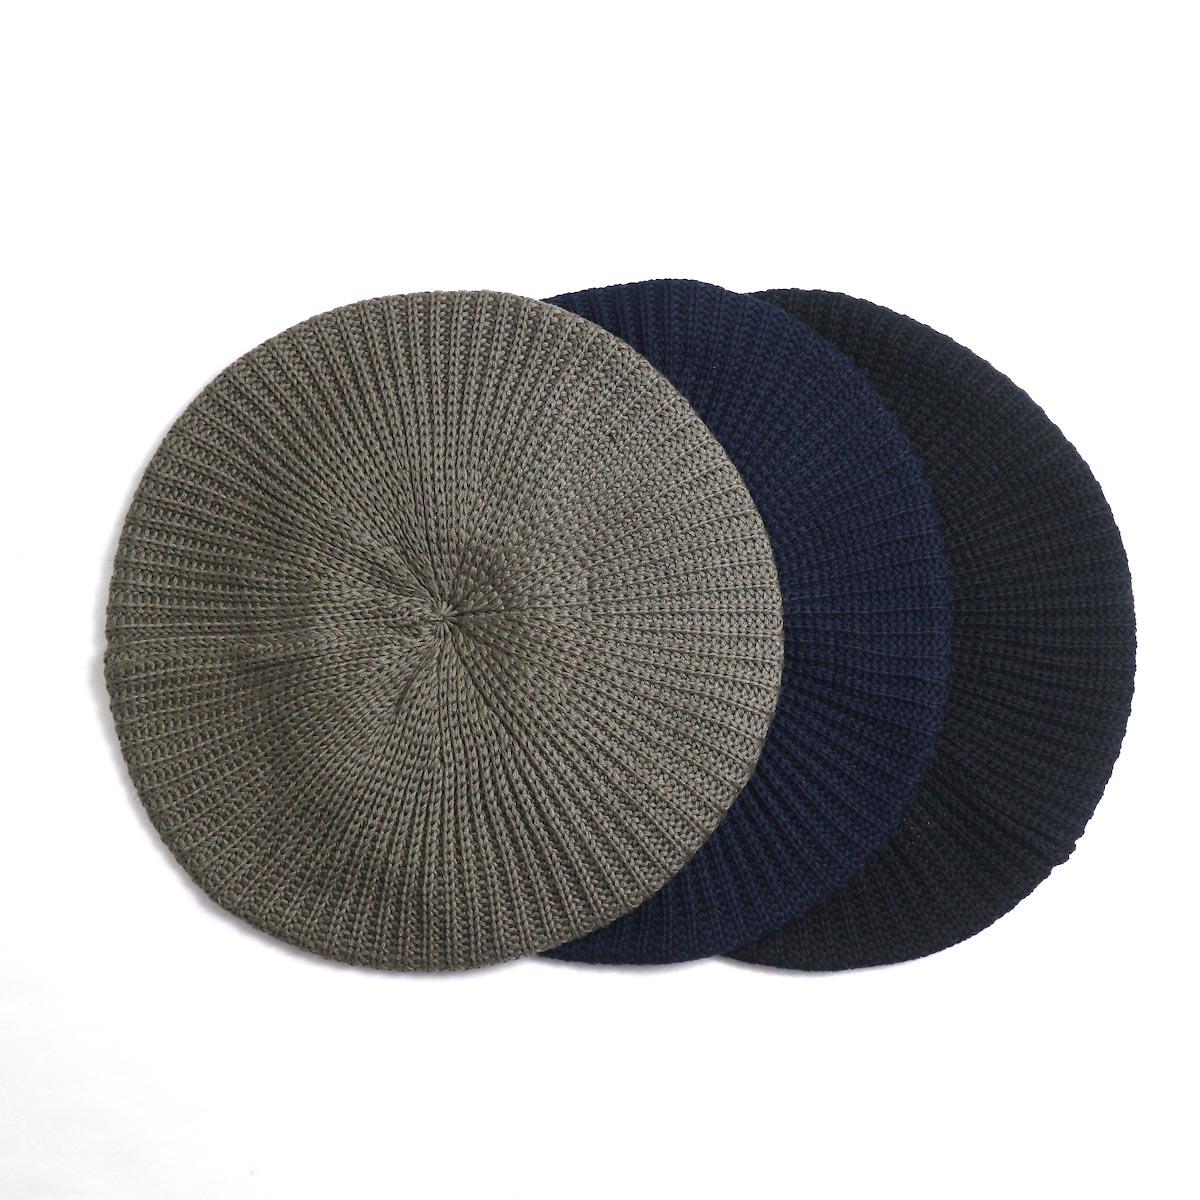 LEUCHTFEUER / BIG HOOGE -Cotton×Acrylic 全色